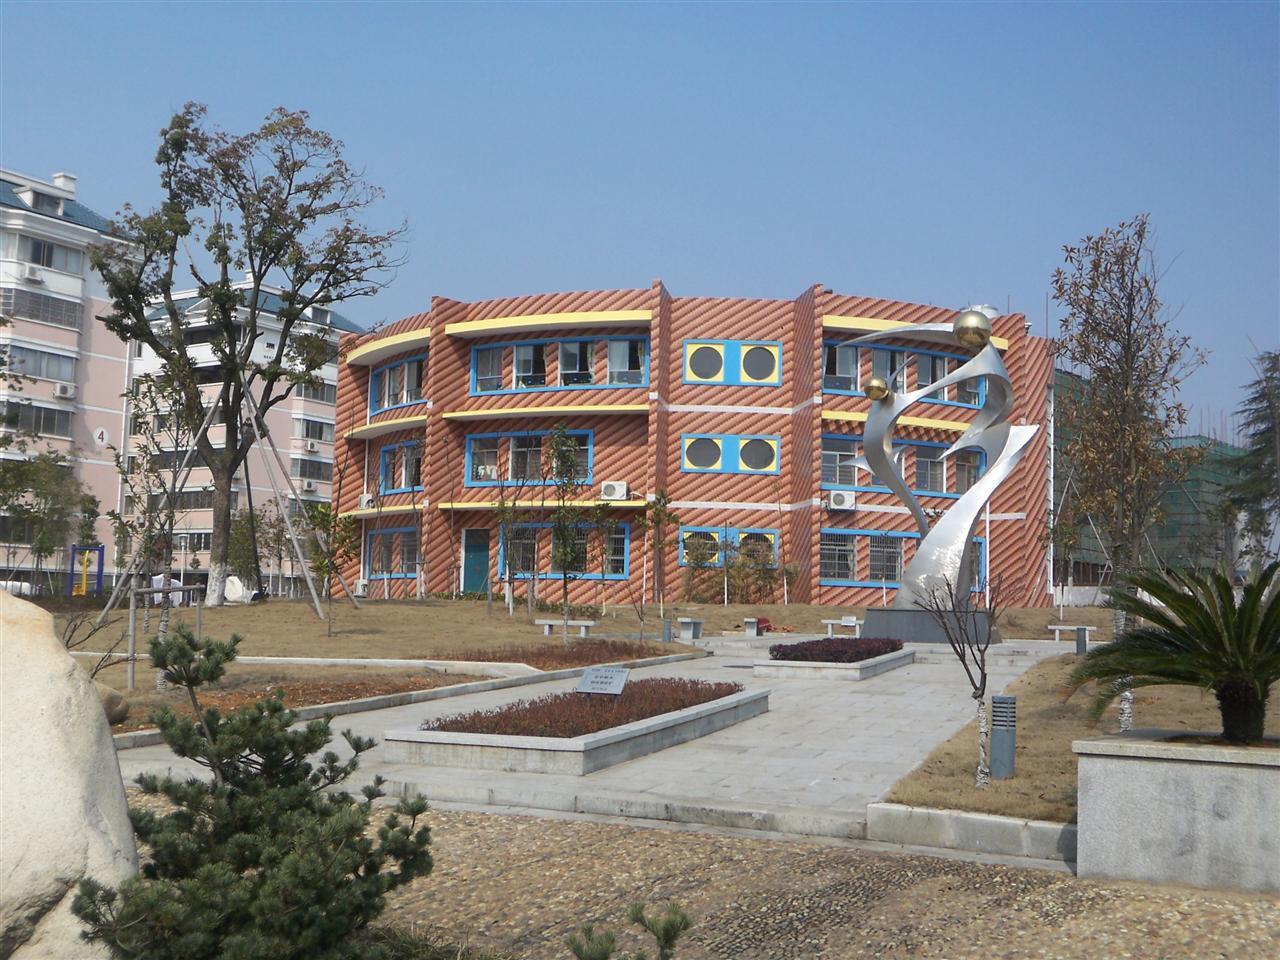 湘阴小哈佛美语幼儿园